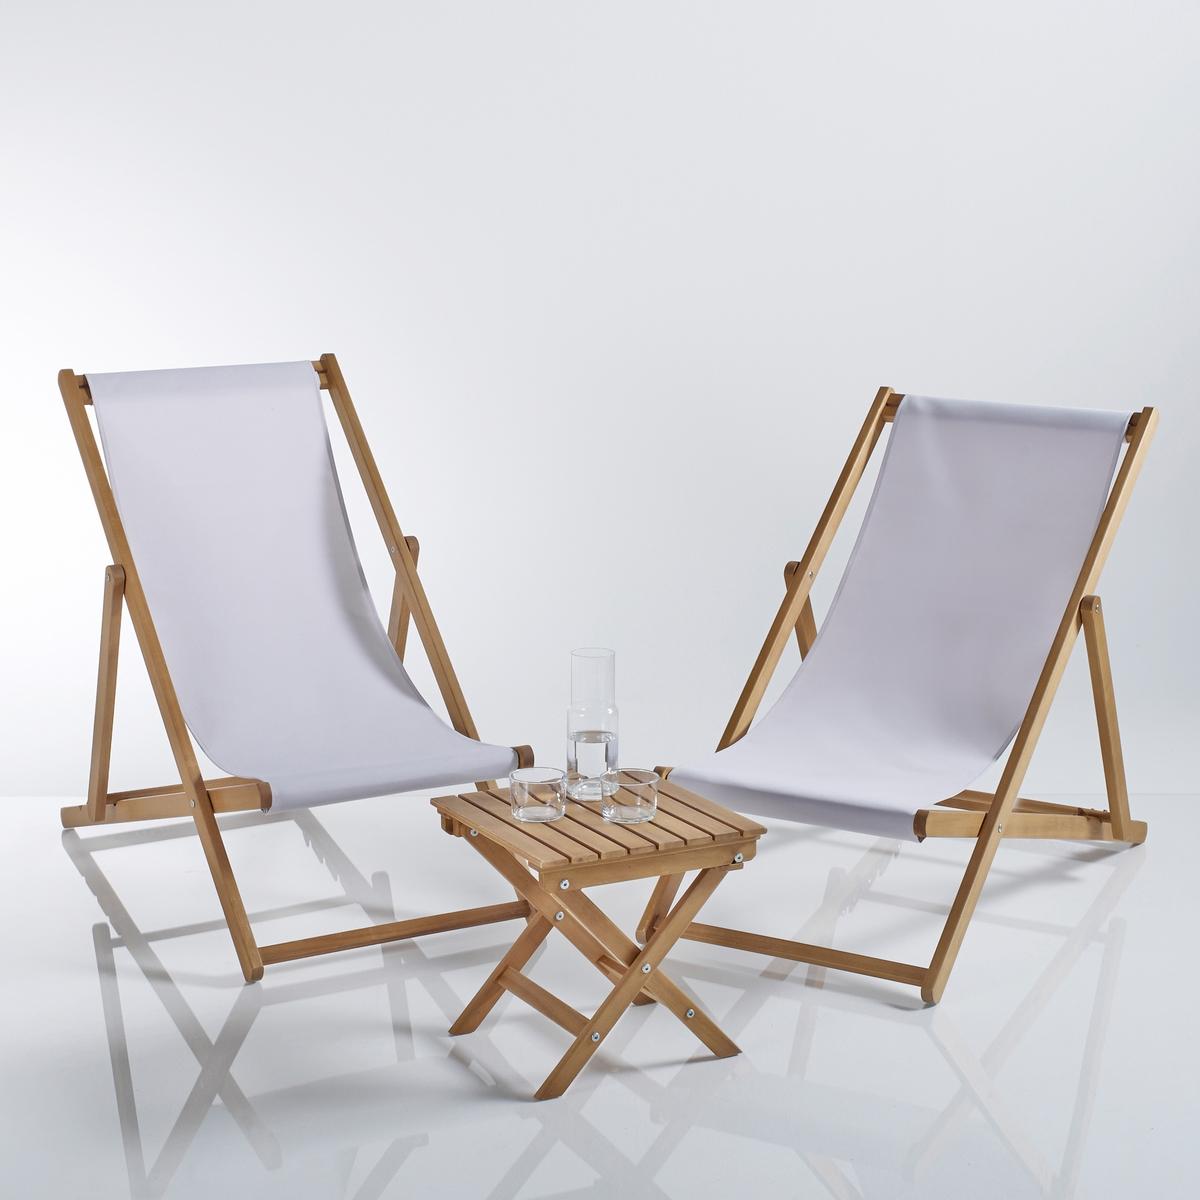 Комплект из двух стульев и низкого столаКомплект для террасы из дерева акации контролируемого происхождения. Комплект из двух стульев и низкого стола займет достойное место на террасе или в саду и доставит удовольствие после долгого дня. Описание комплекта:Складной стол.Складной регулируемый 4-позиционный стул.Характеристики комплекта:Каркас из дерева акации, обработка маслом.Сиденье: полиэстер плотностью 230 г/м?.Размеры комплекта:Стул: Длина: 56.5 см.Высота: 87 см.Глубина: 7 см.Низкий стол: Ширина: 35 см.Высота: 35 см.Глубина: 35 см.Размеры и вес с упаковкой:1 упаковка.Д.128 x В.9.5 x Ш.58.5 см.11 кг.Доставка: Для комплекта предусматривается самостоятельная сборка. Доставка до квартиры!Внимание! Убедитесь, что товар возможно доставить на дом, учитывая его габариты (проходит в двери, по лестницам, в лифты).<br><br>Цвет: серый жемчужный